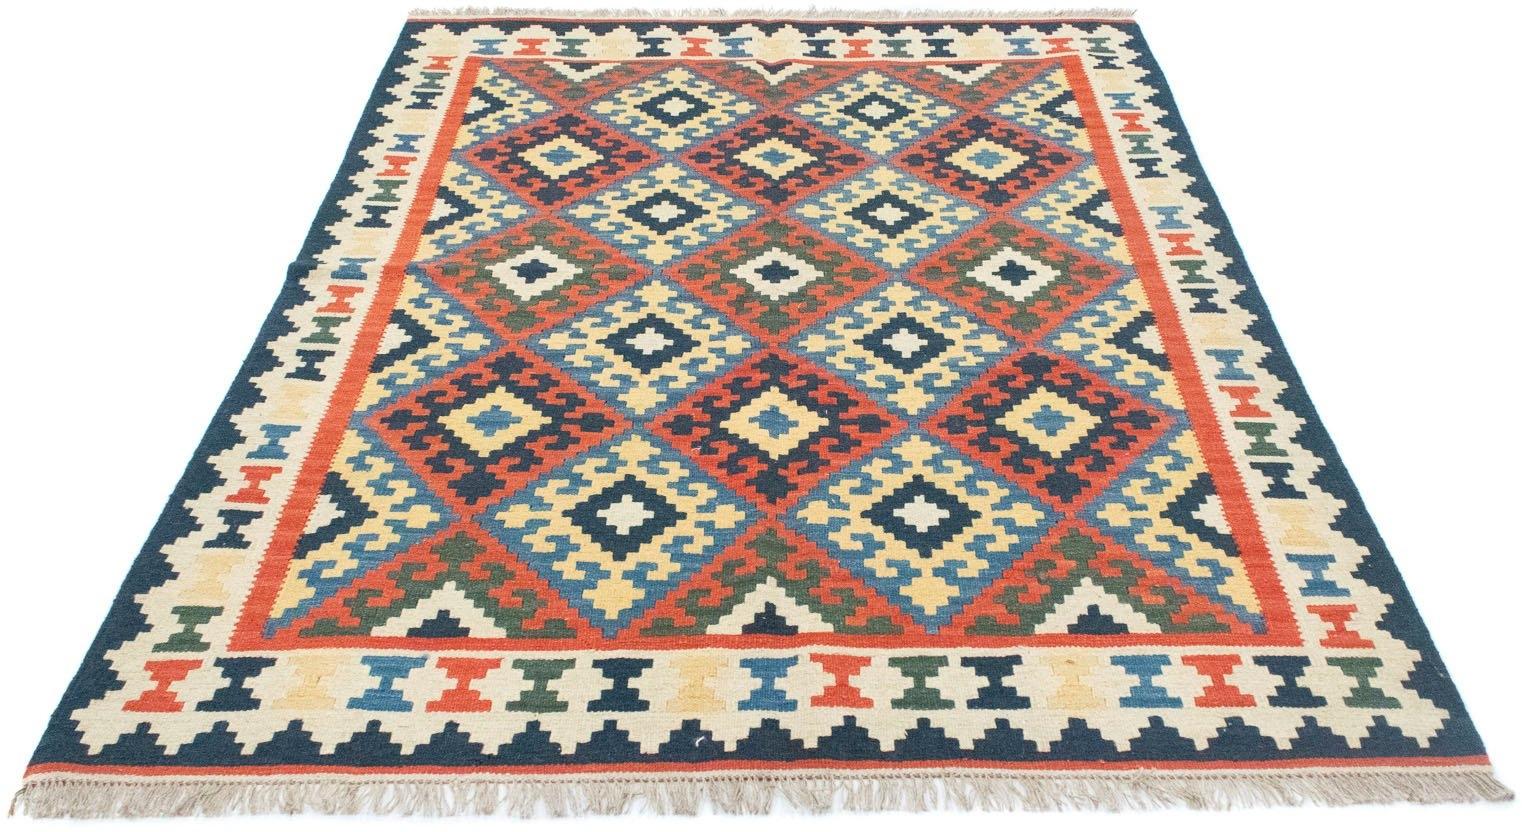 morgenland wollen kleed Kelim Fars vloerkleed met de hand geweven bruin Laagpolig nu online bestellen